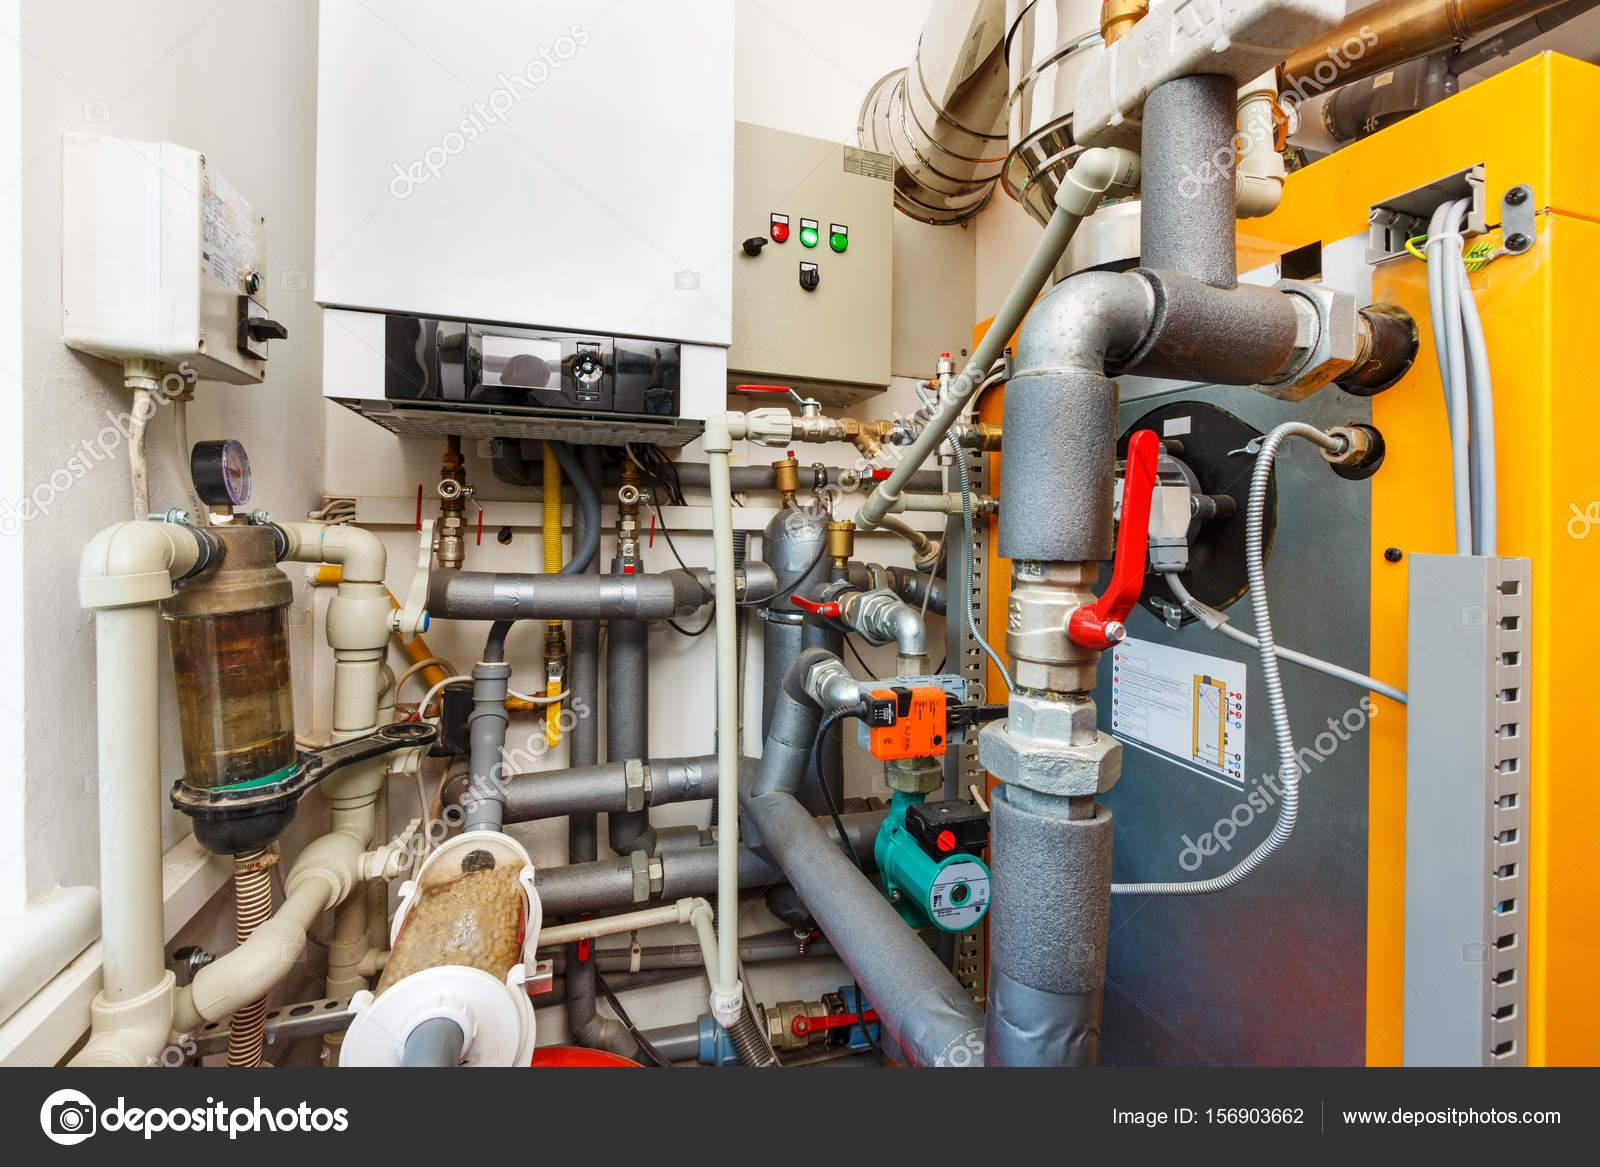 Household boiler room with gas boiler, barrel; Valves; Sensors a ...